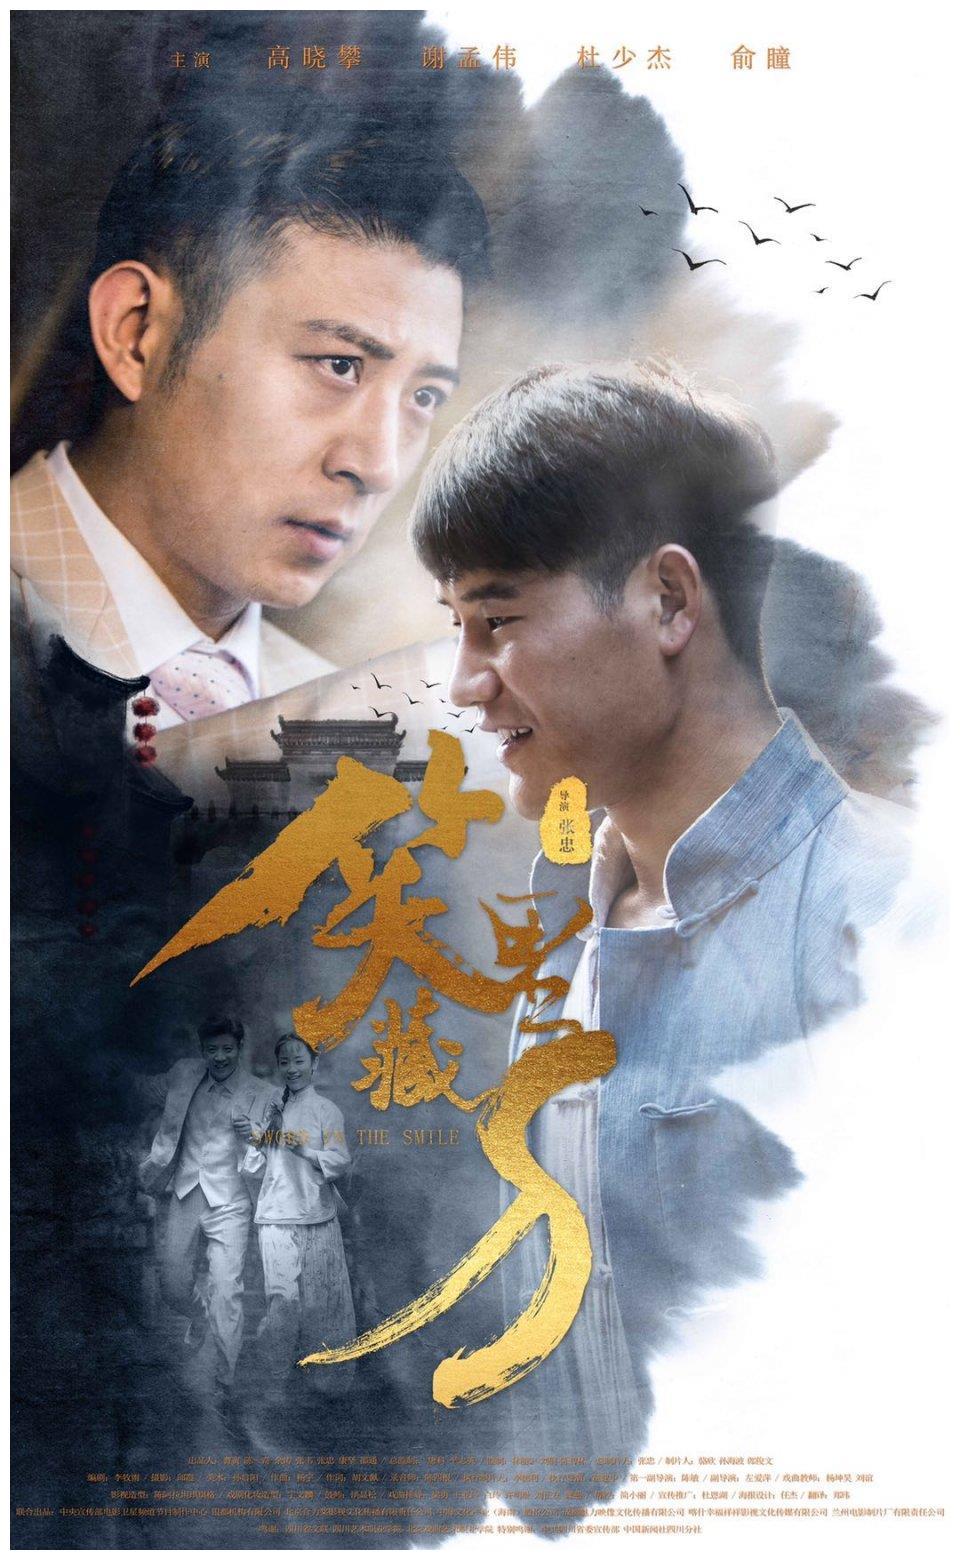 电影《笑里藏刀》即将上映 谢孟伟超越自我首度挑战反派